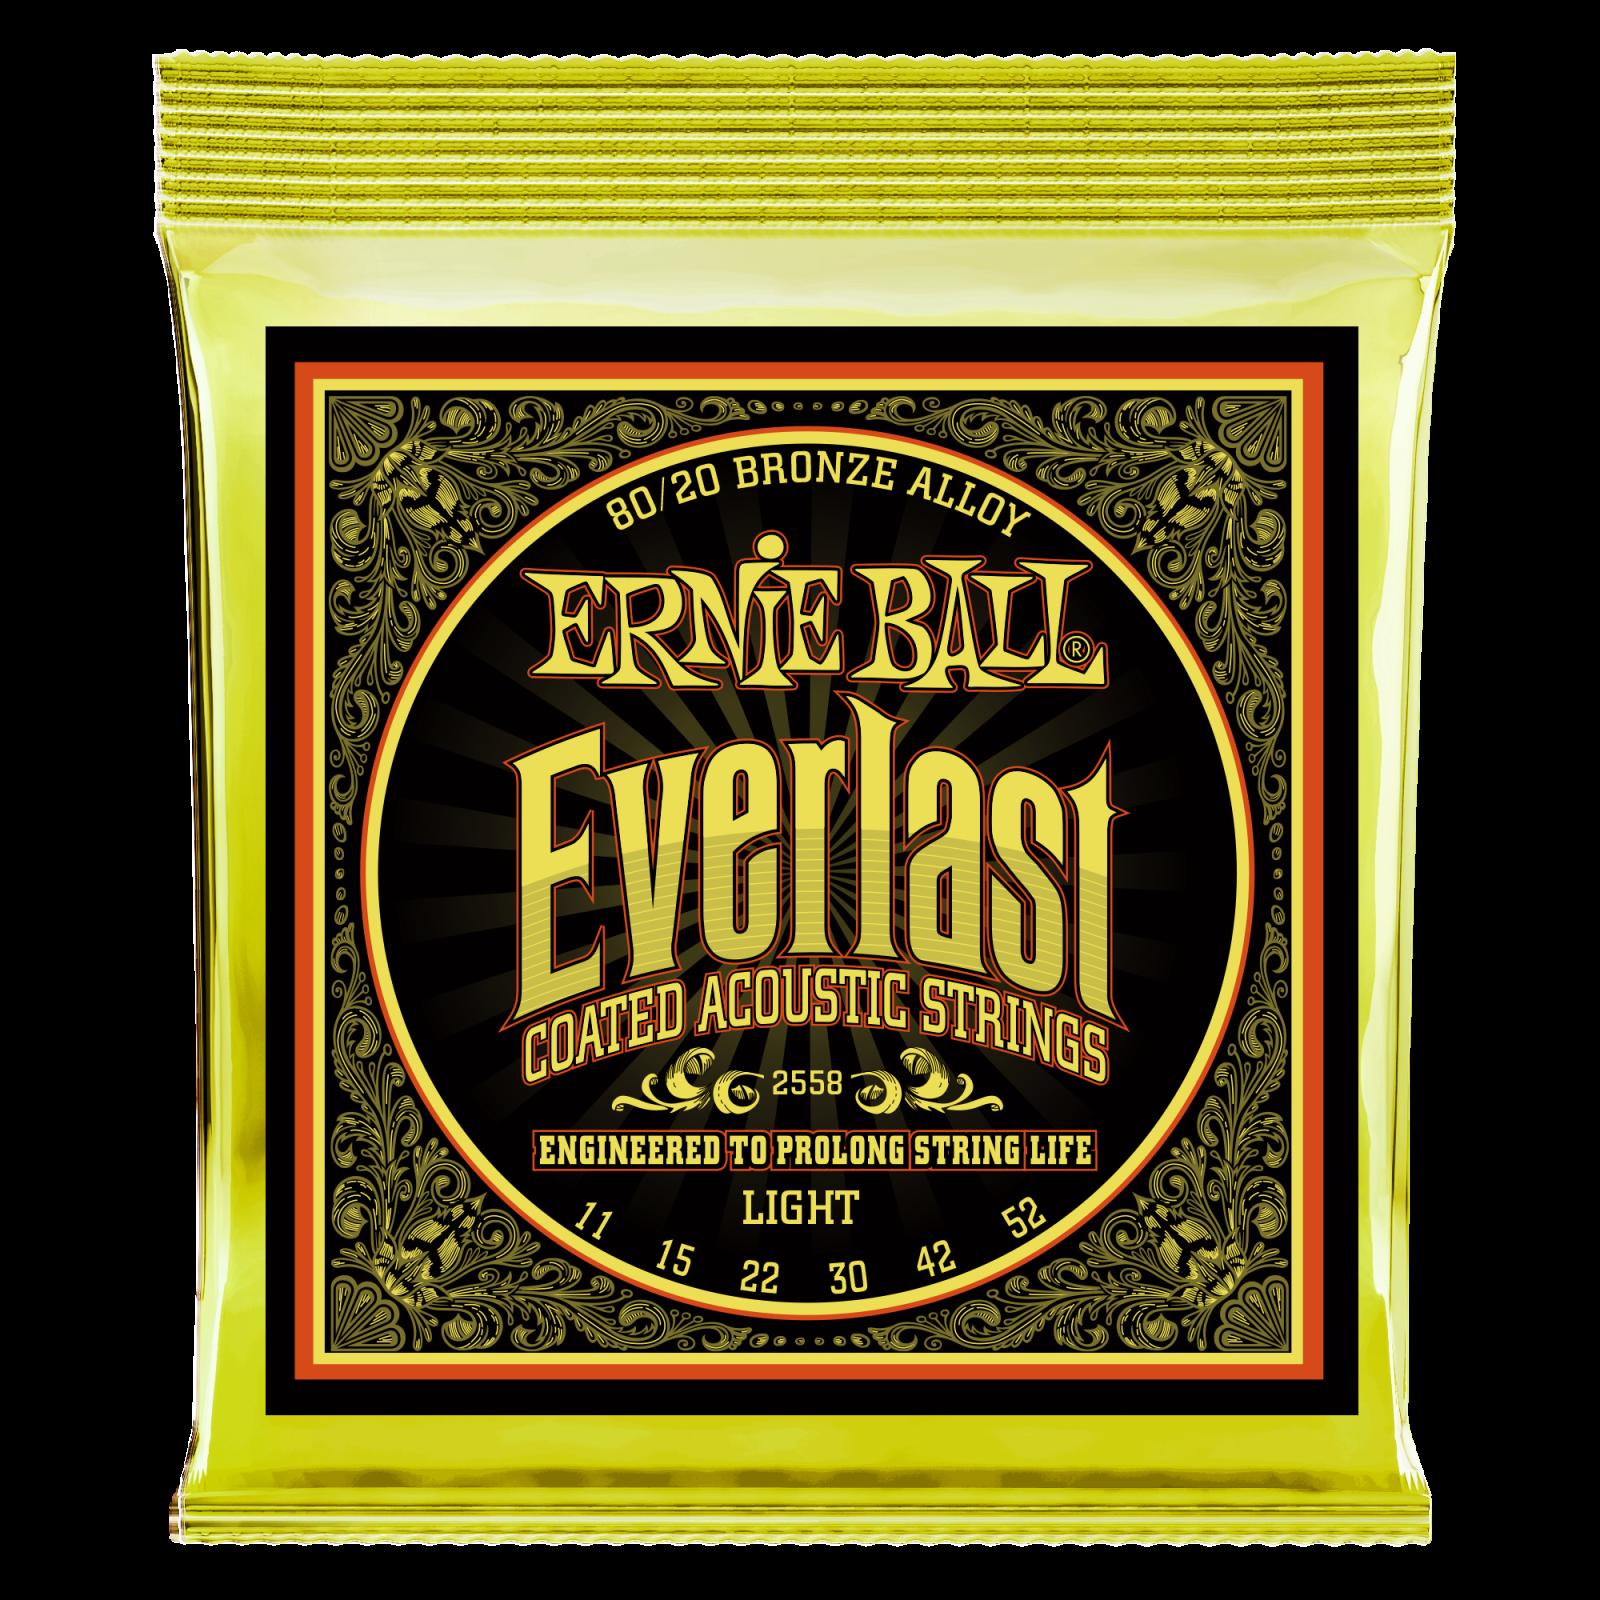 Ernie Ball Everlast Acoustic Light